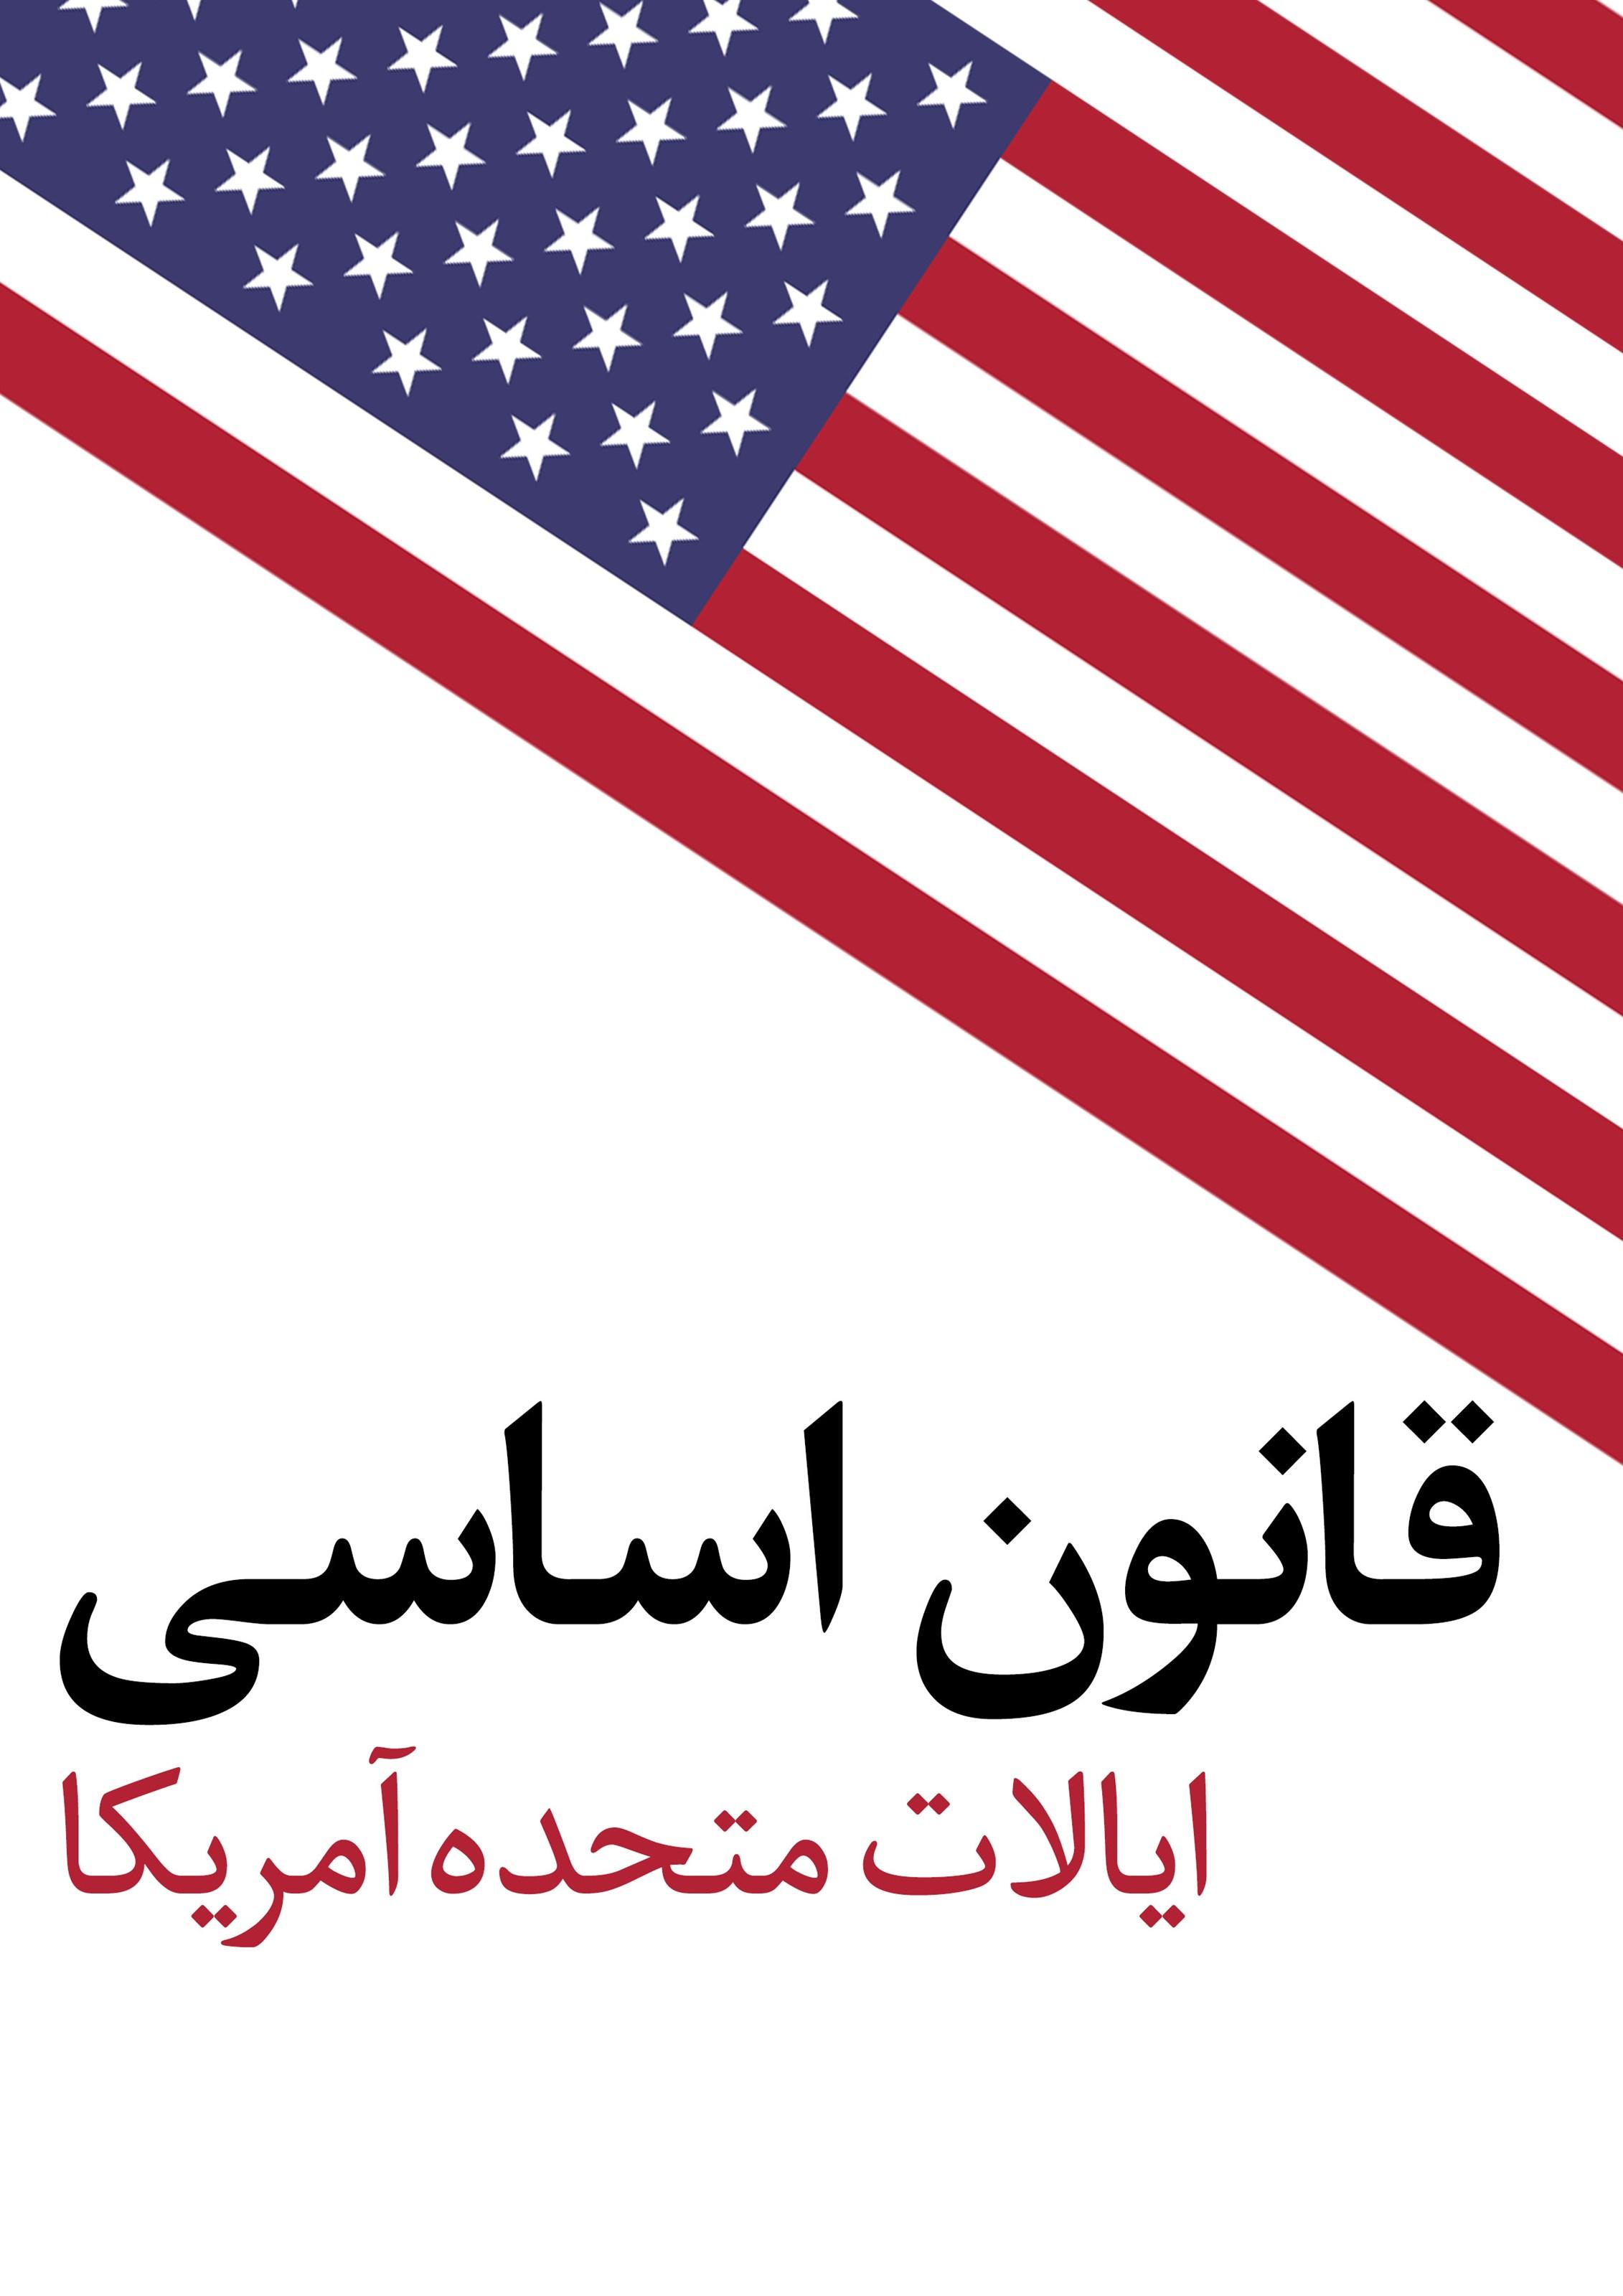 متن کامل قانون اساسی ایالات متحده آمریکا، همراه با تعلیقات و اصلاحیه ها